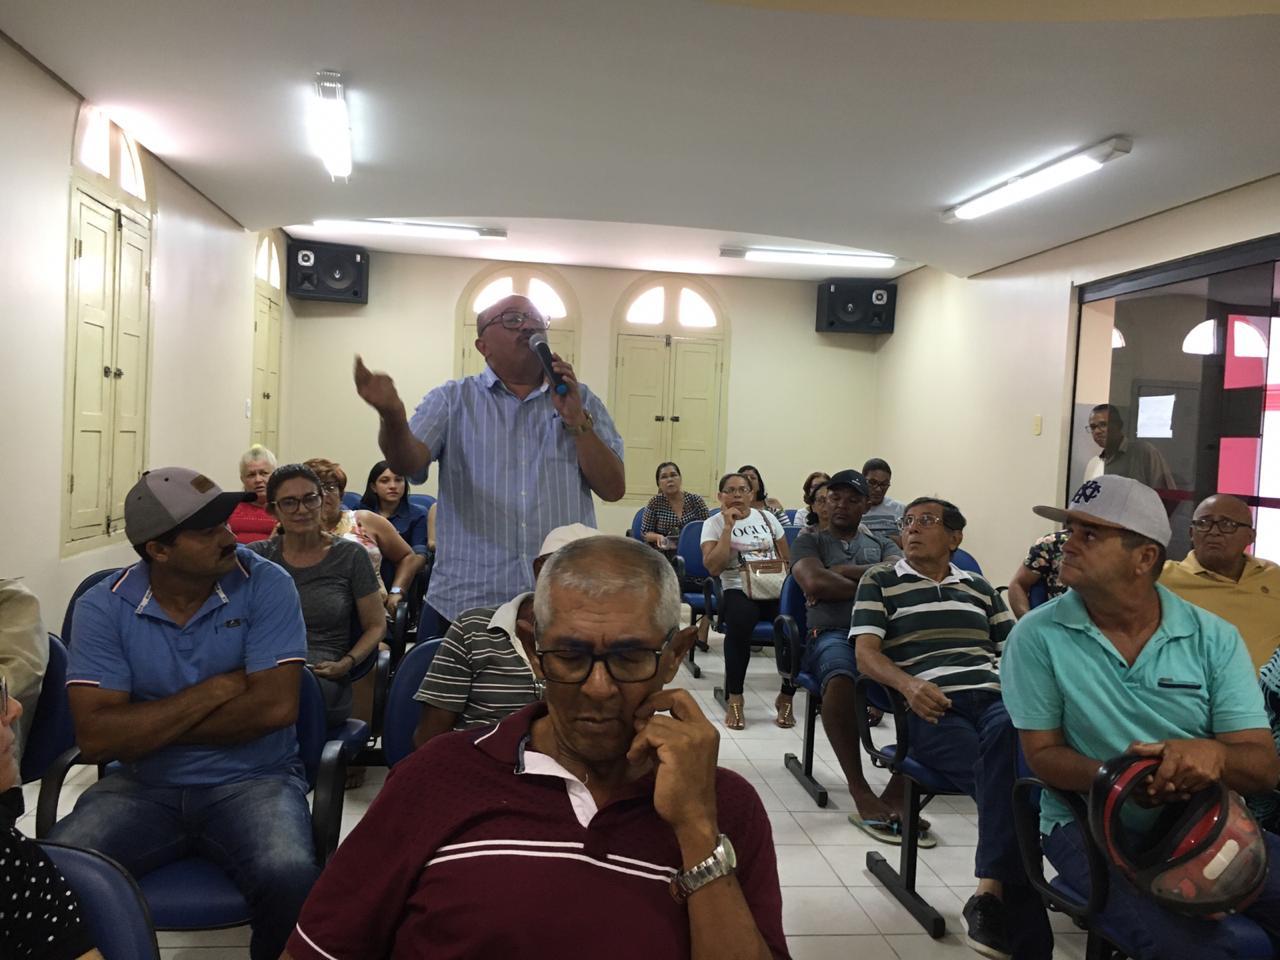 Audiência pública sobre o abastecimento de água define comissão que buscará soluções junto ao governo de Pernambuco